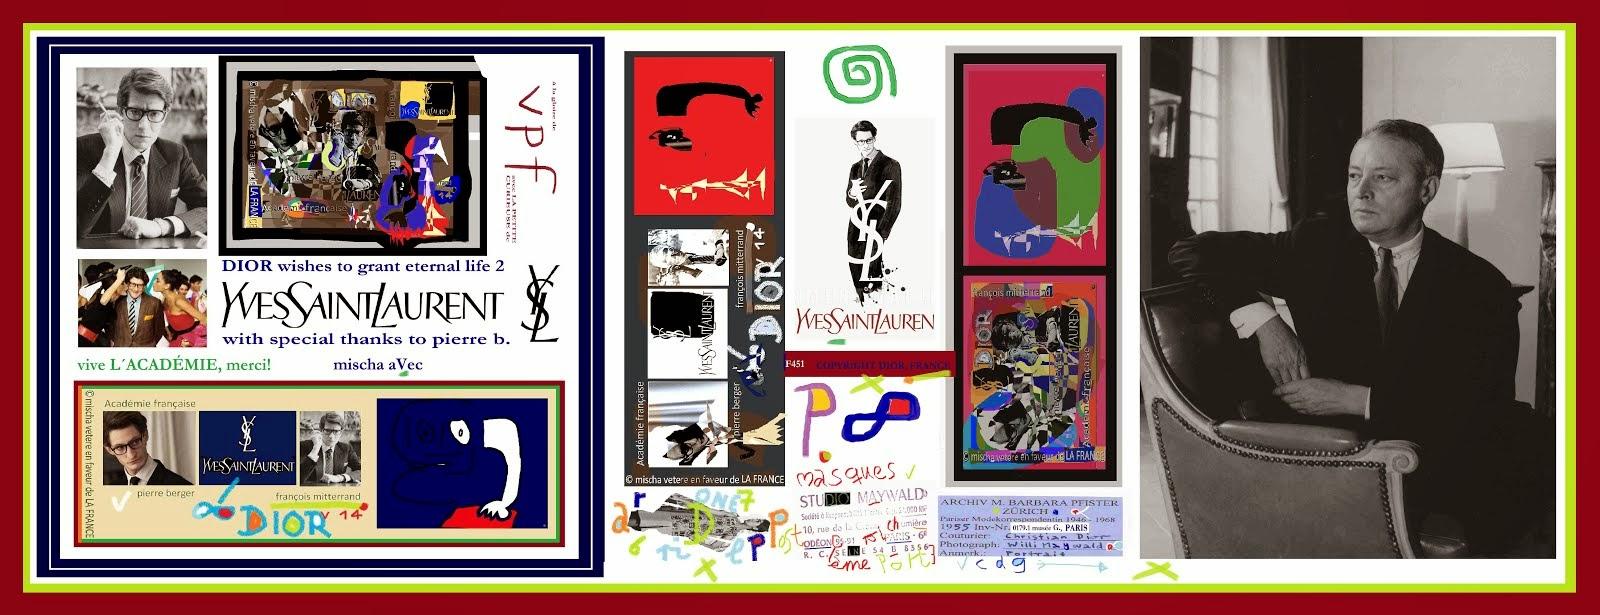 affiche pour le film YVES SAINT-LAURENT par mischa vetere en faveur de l´académie, LA FRANCE dior